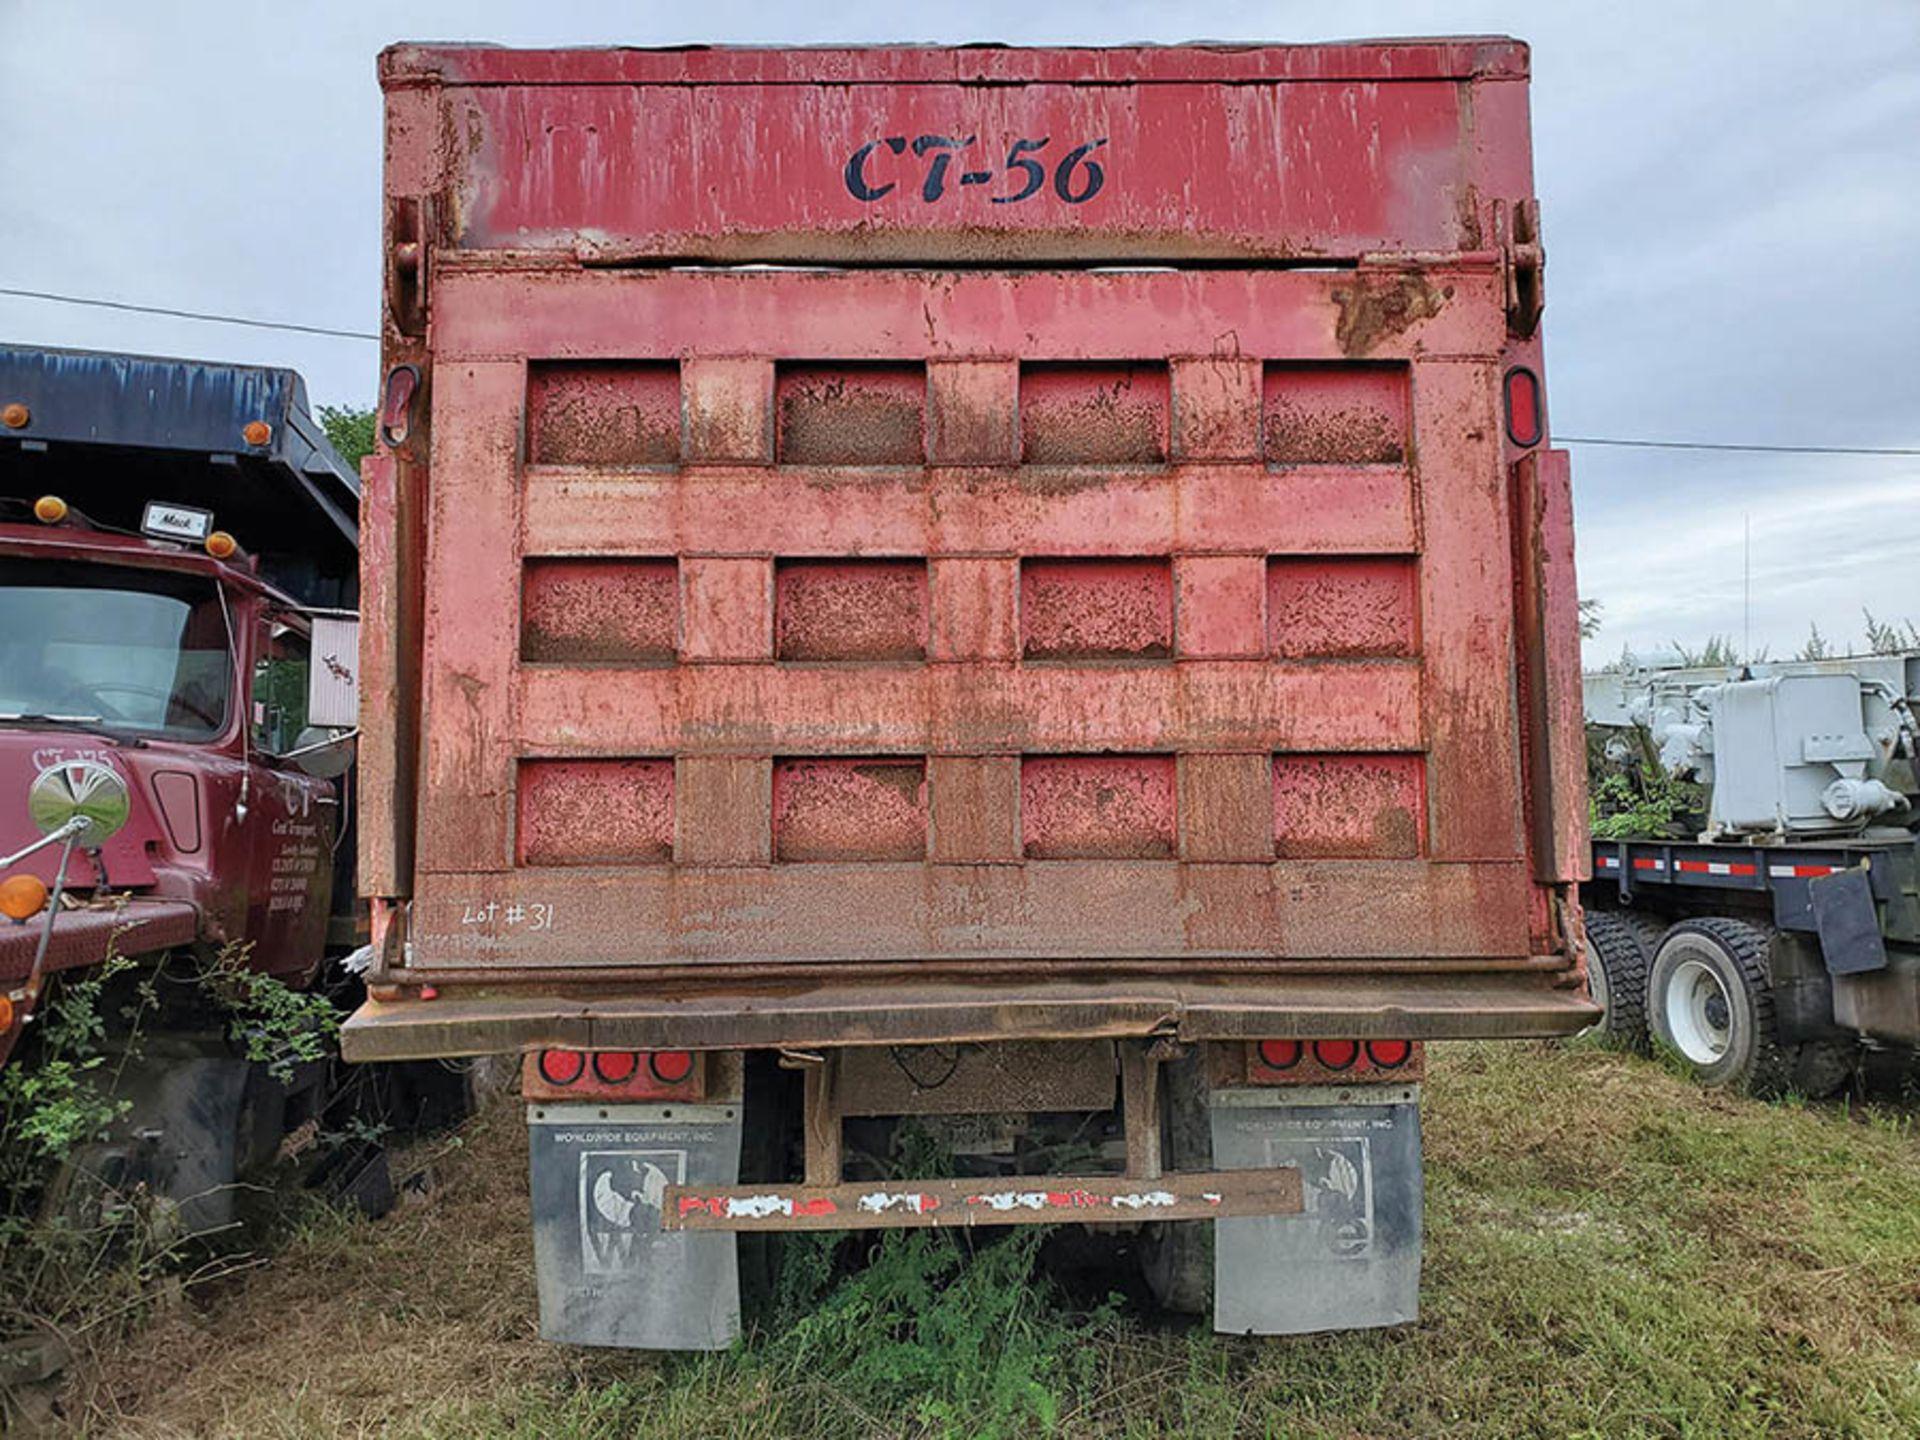 Lot 31 - 1997 MACK RD888 SX T/A DUMP TRUCK, VIN 1MP278C4VM002006, CT 56, LOCATION: MARCO SHOP